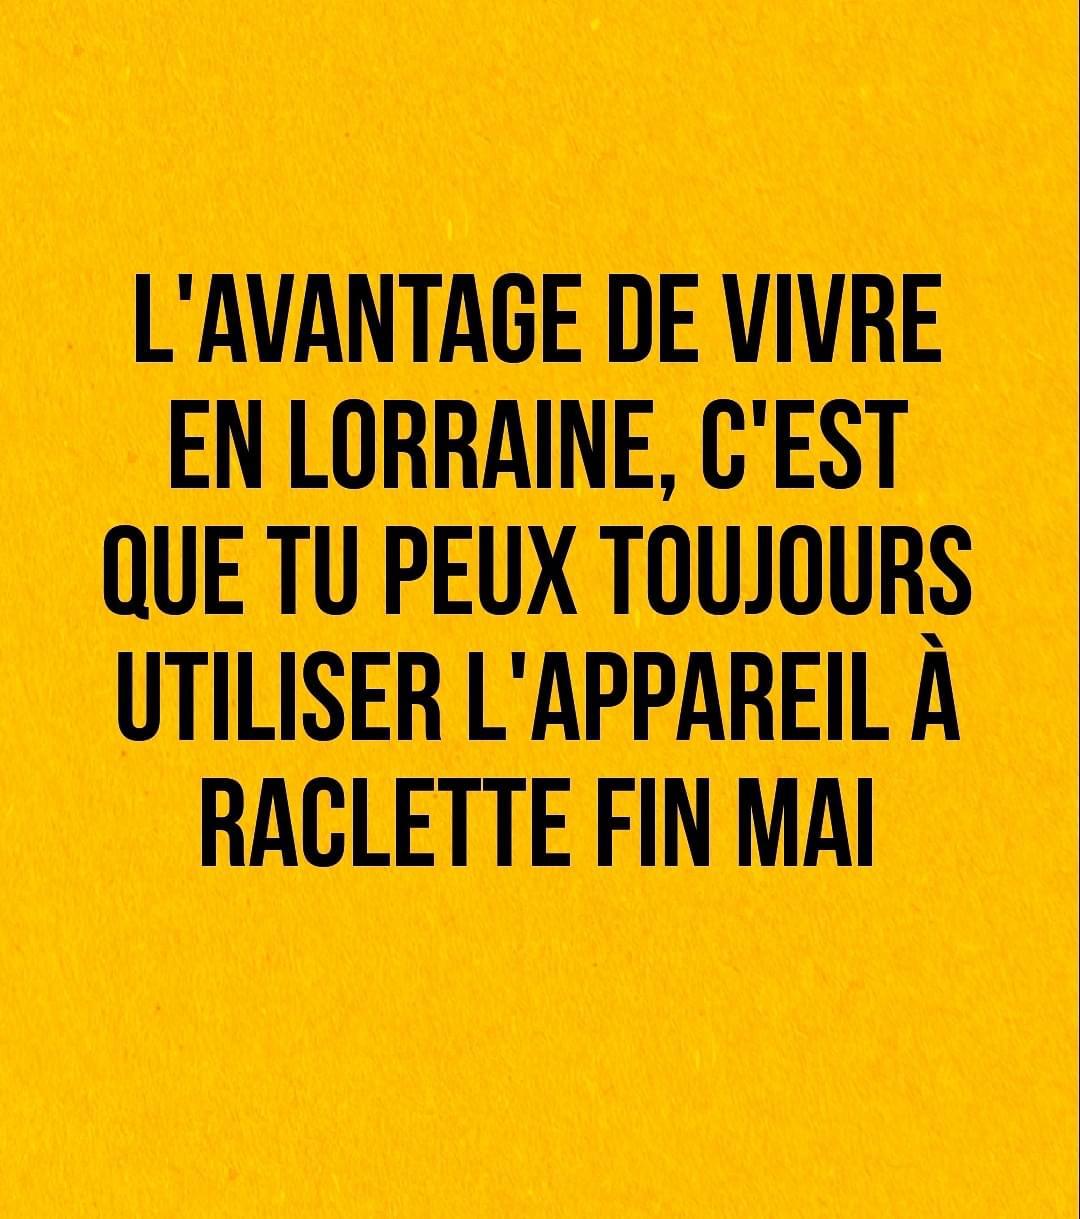 Photos Humour : L'avantage en Lorraine